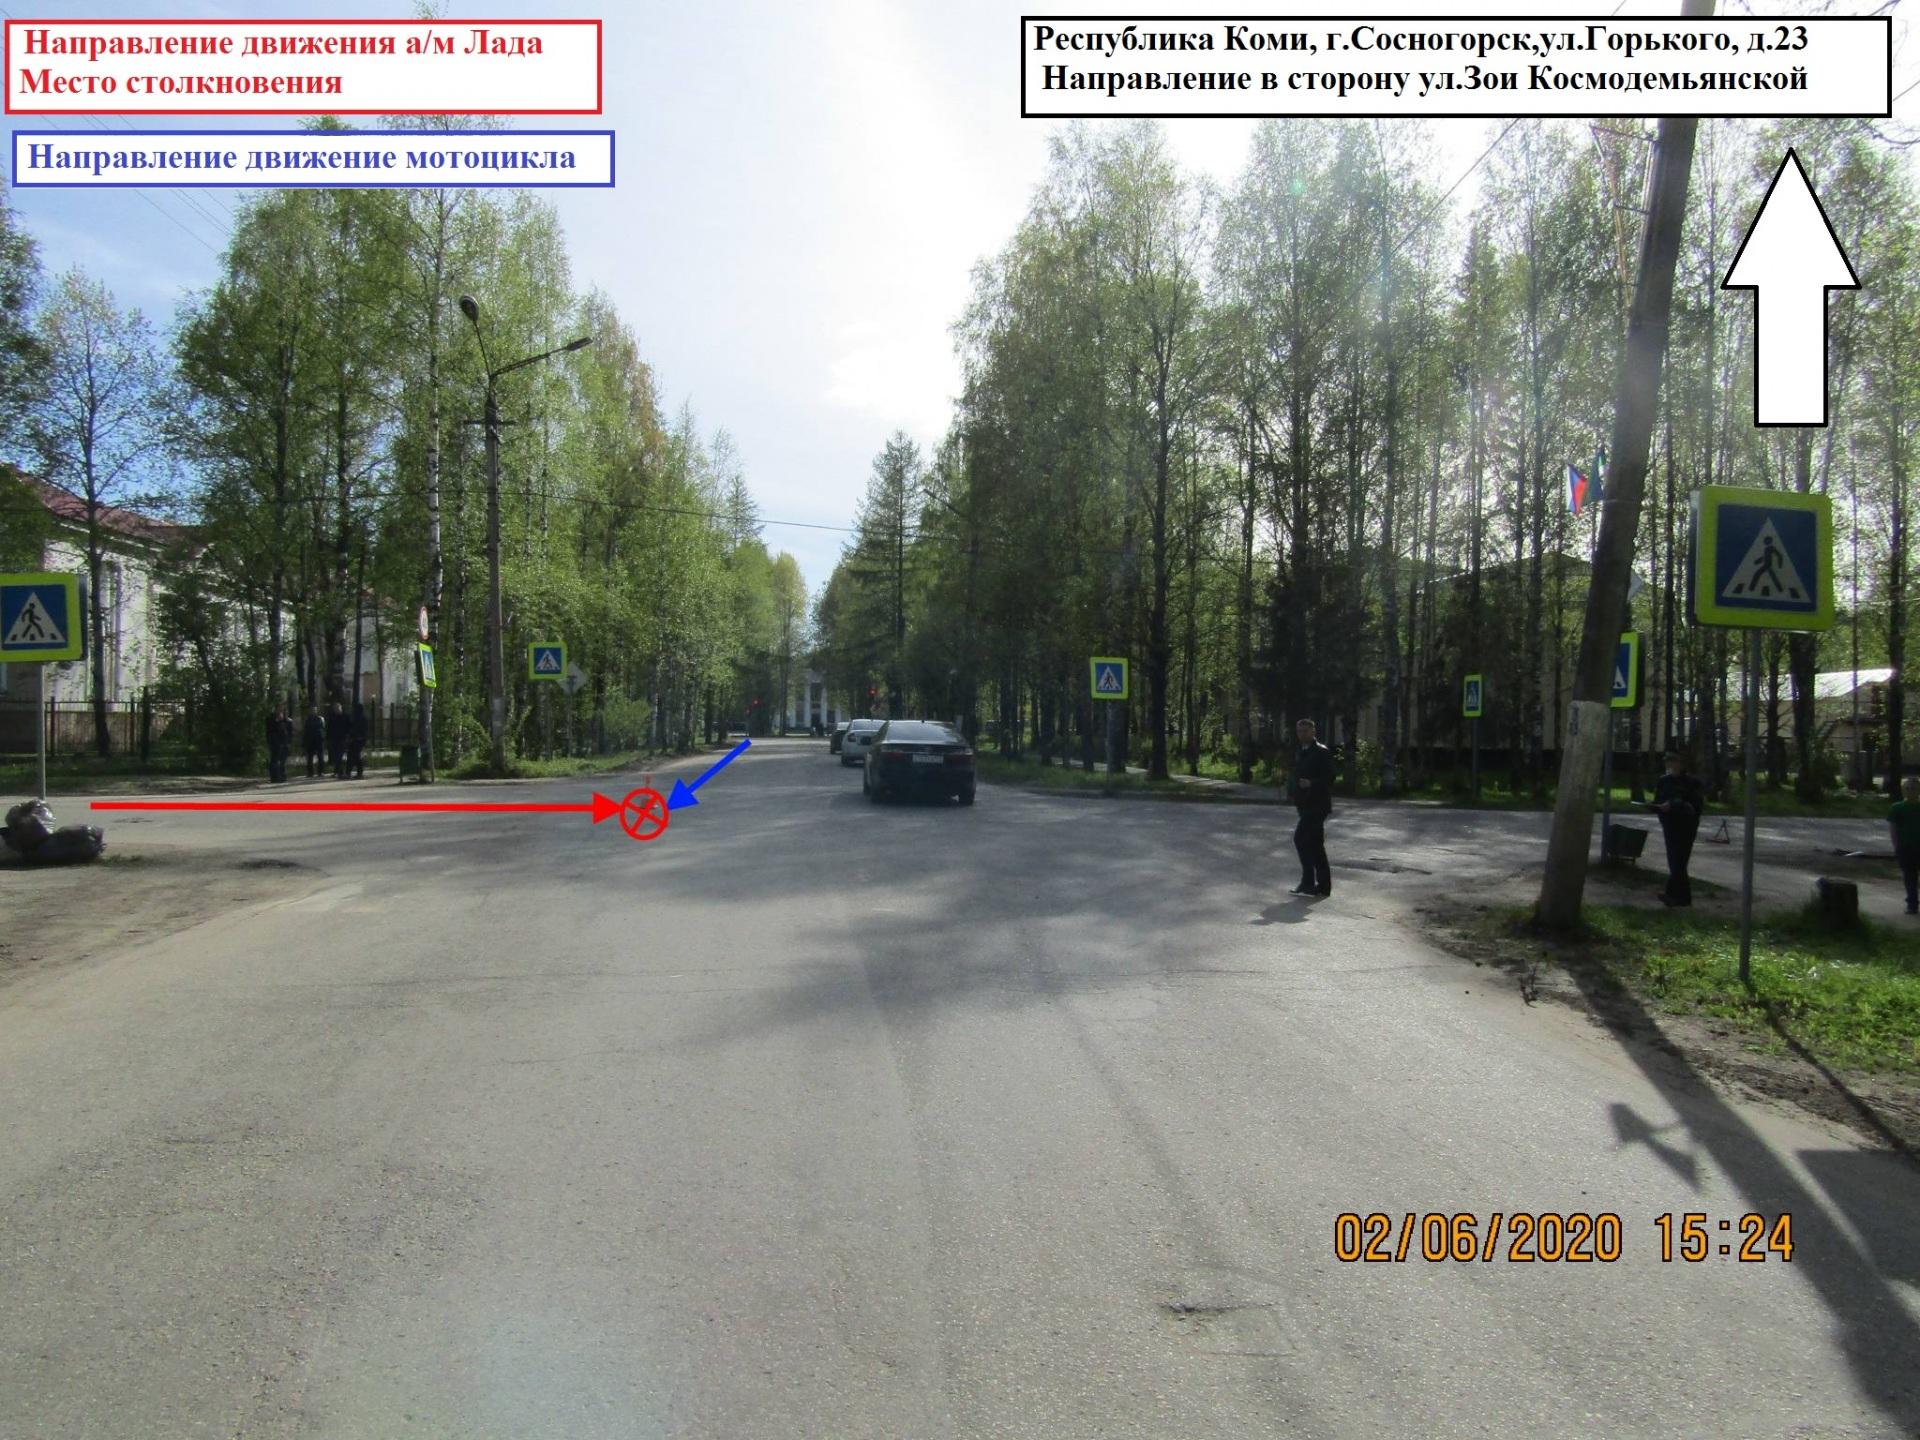 Sosnogorsk07.jpg